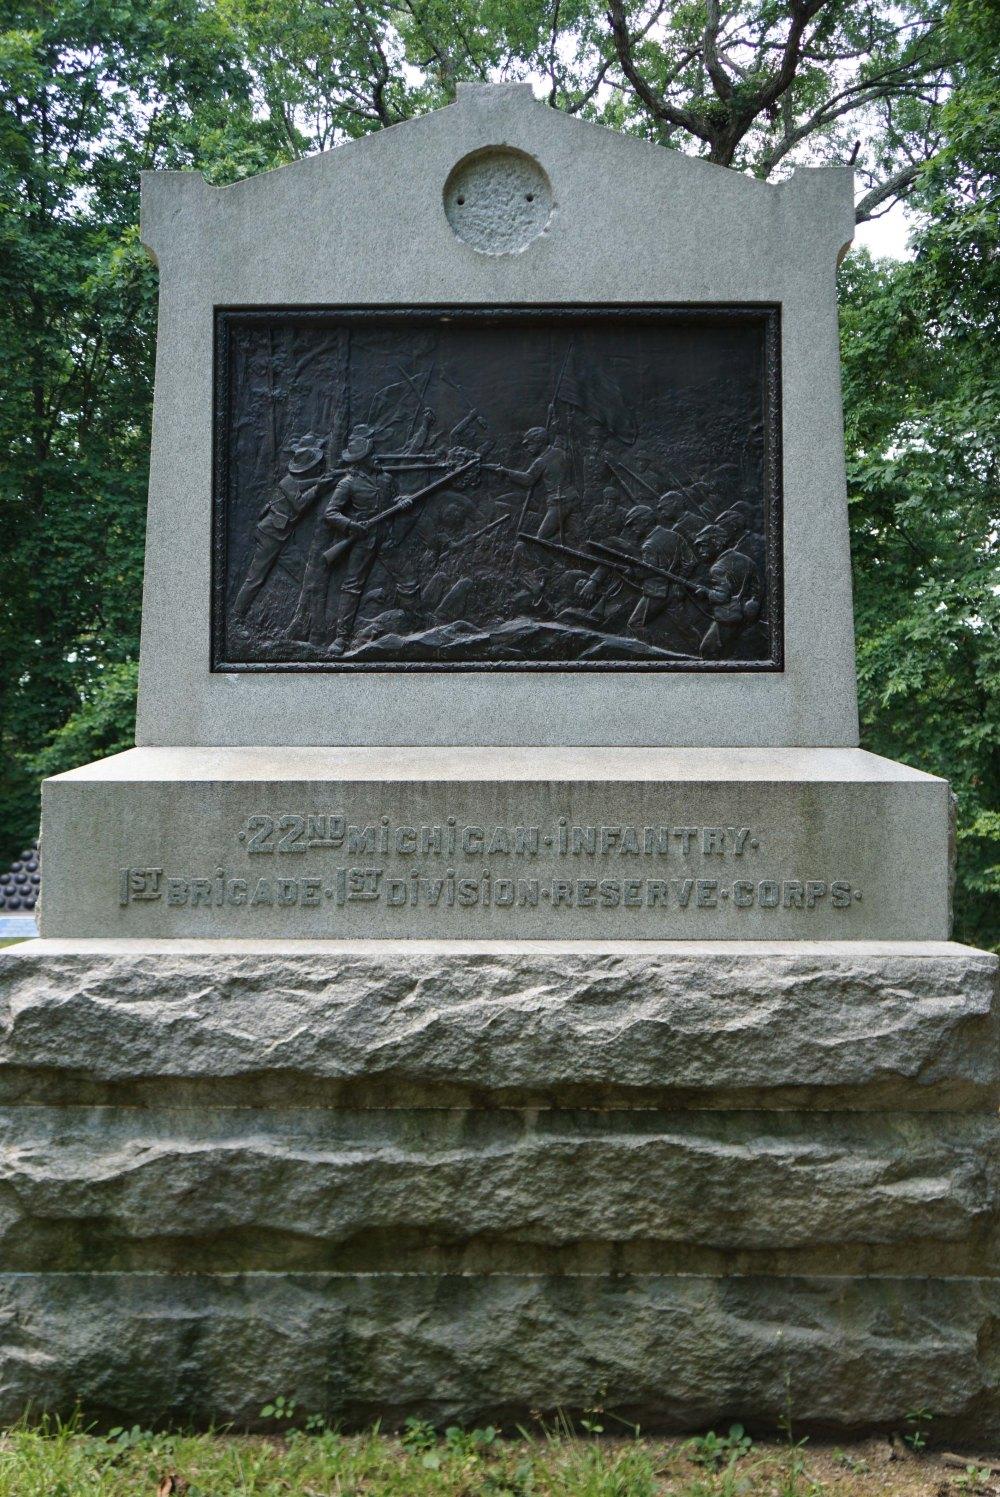 22nd Michigan Infantry Regiment2